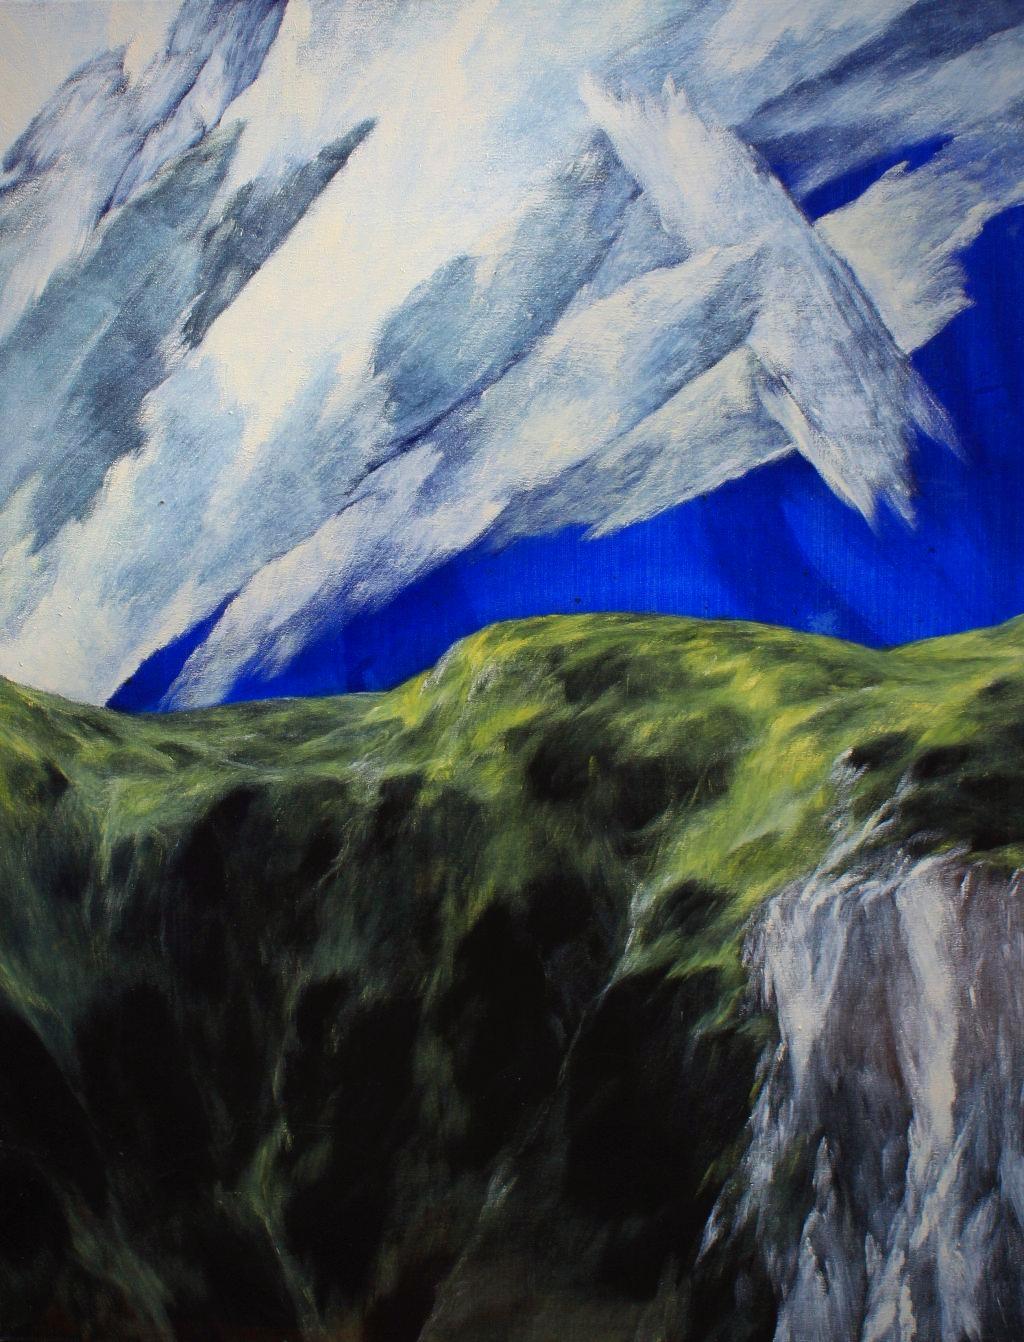 Josef Taucher, Aufwind 20, 2015, Öl/Molino, 90 x 70 cm © Josef Taucher